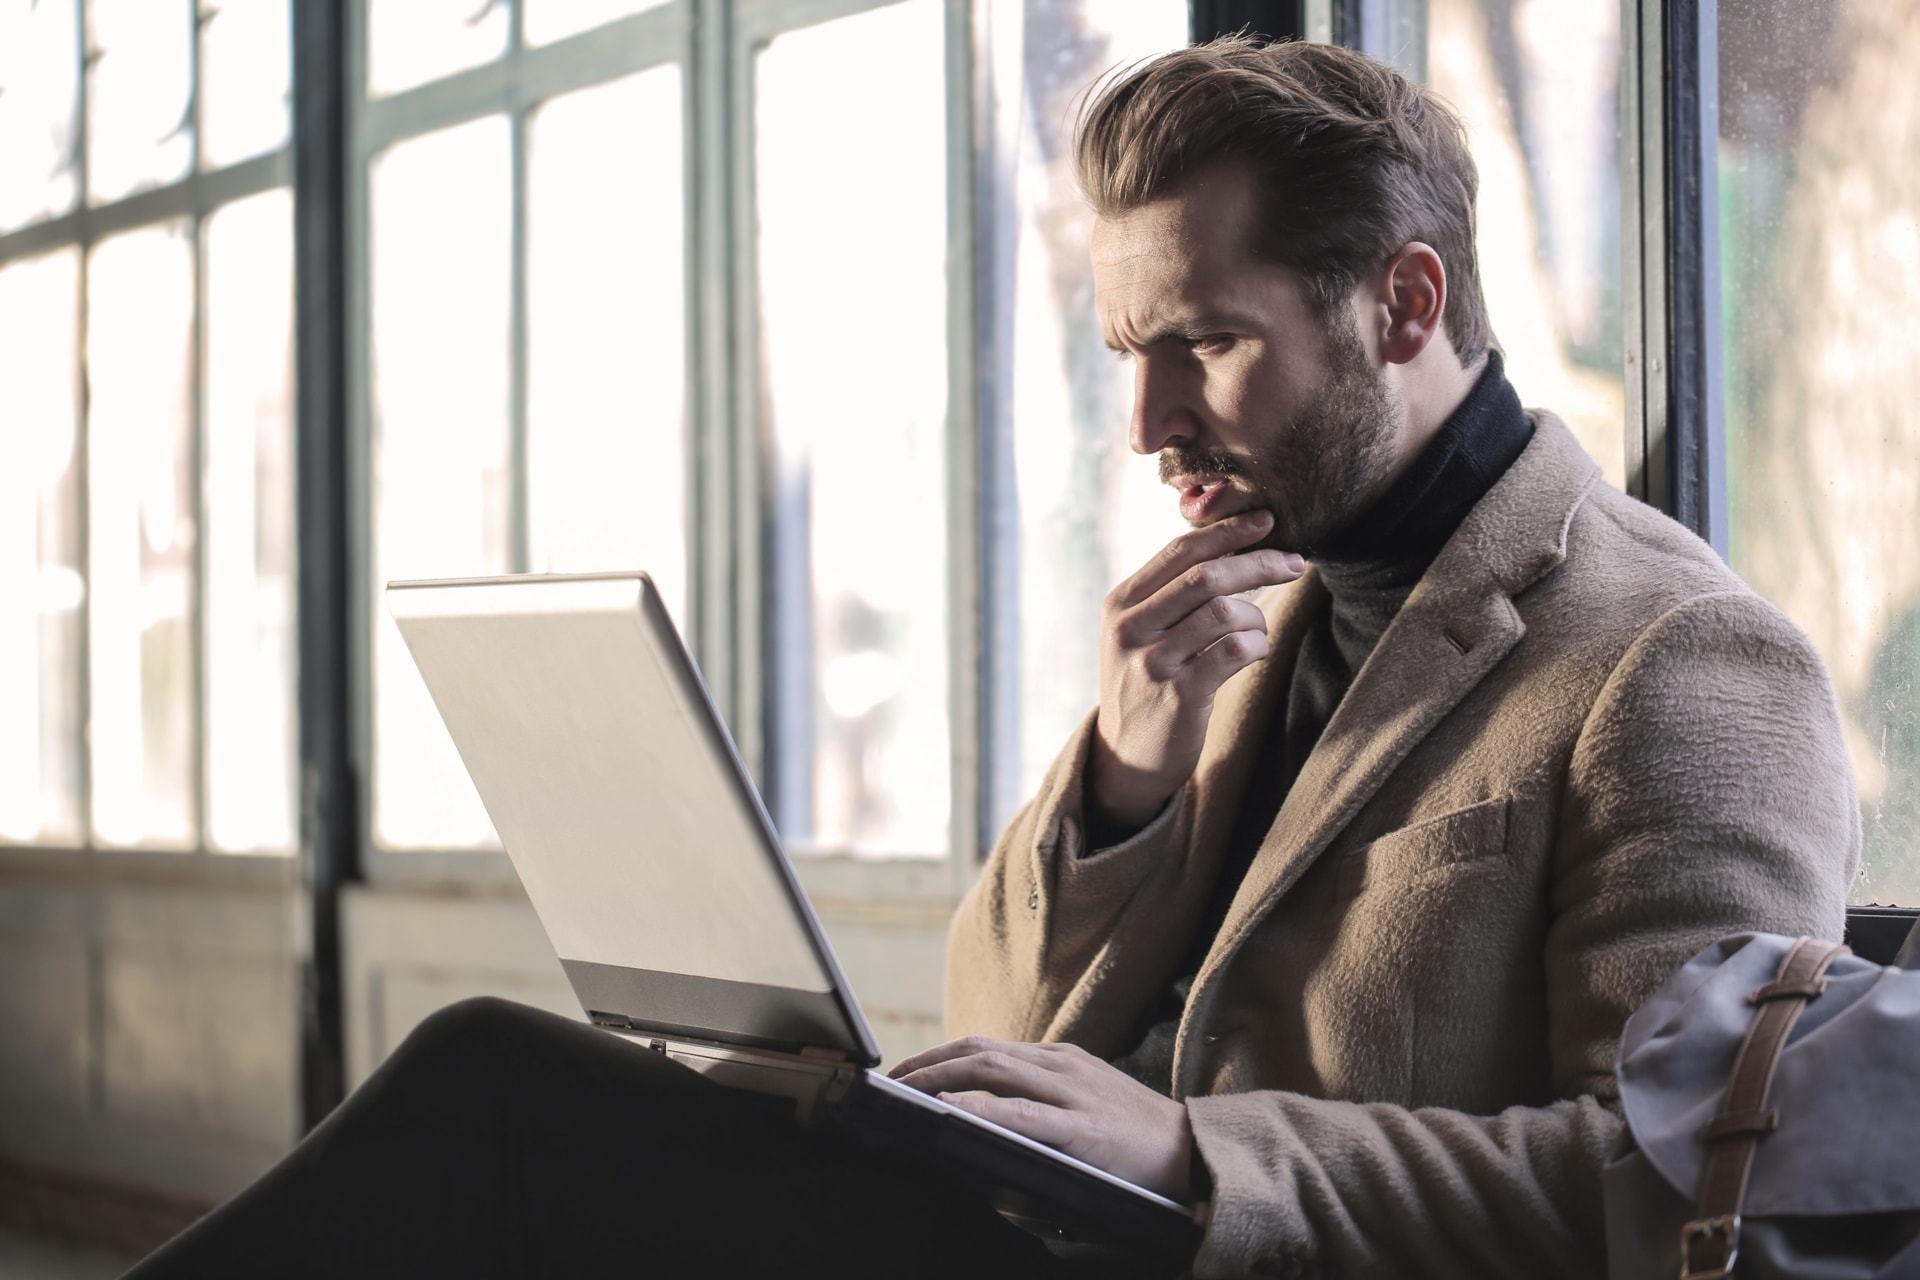 Homem branco com barba passa a mão no queixo enquanto mexe em um notebook.